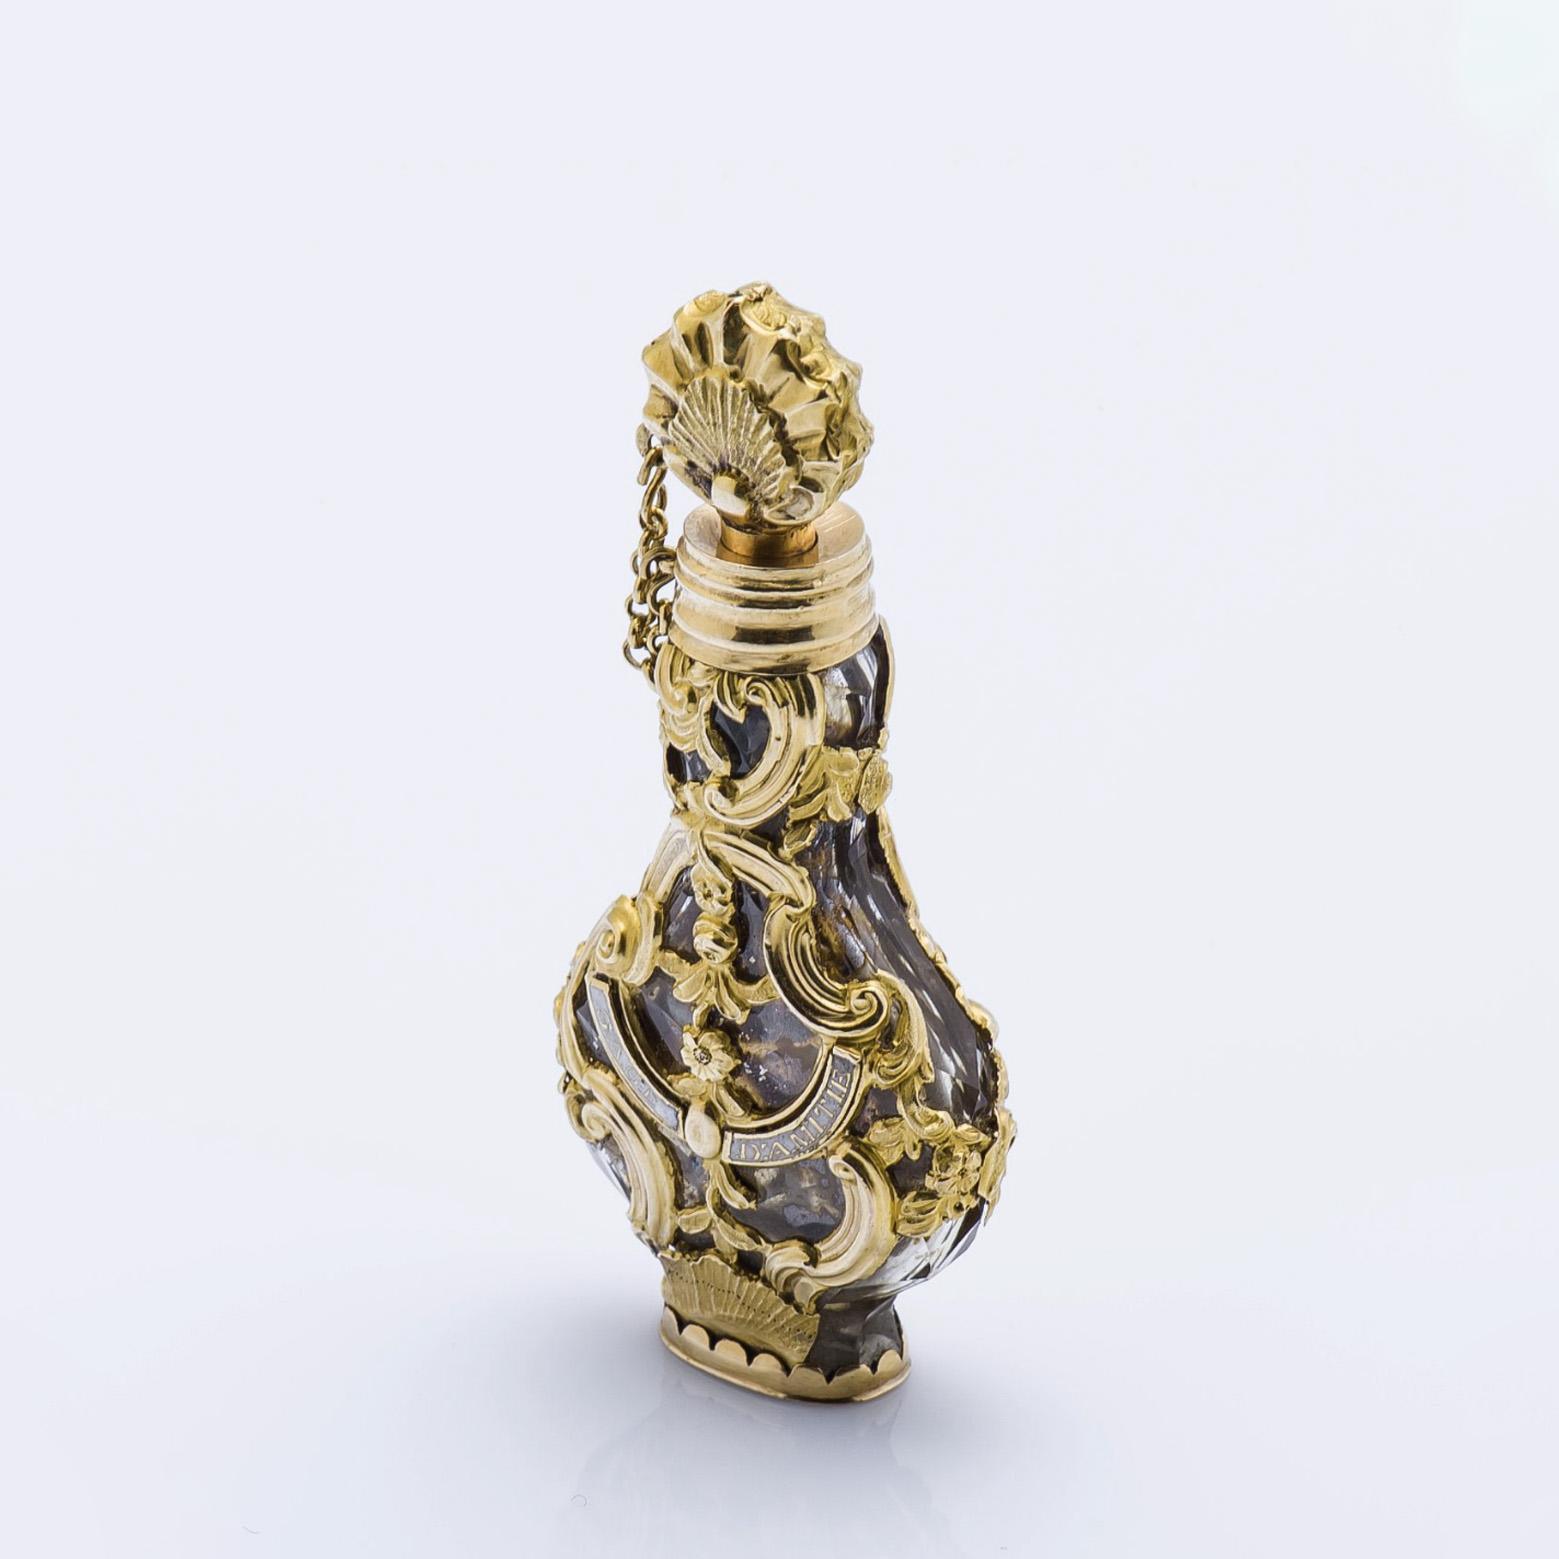 3780€ Travail français du XVIIIesiècle. Flacon à sels en verre fumé rehaussé de rinceaux en or jaune ciselé, h.6cm, poids brut15,9g